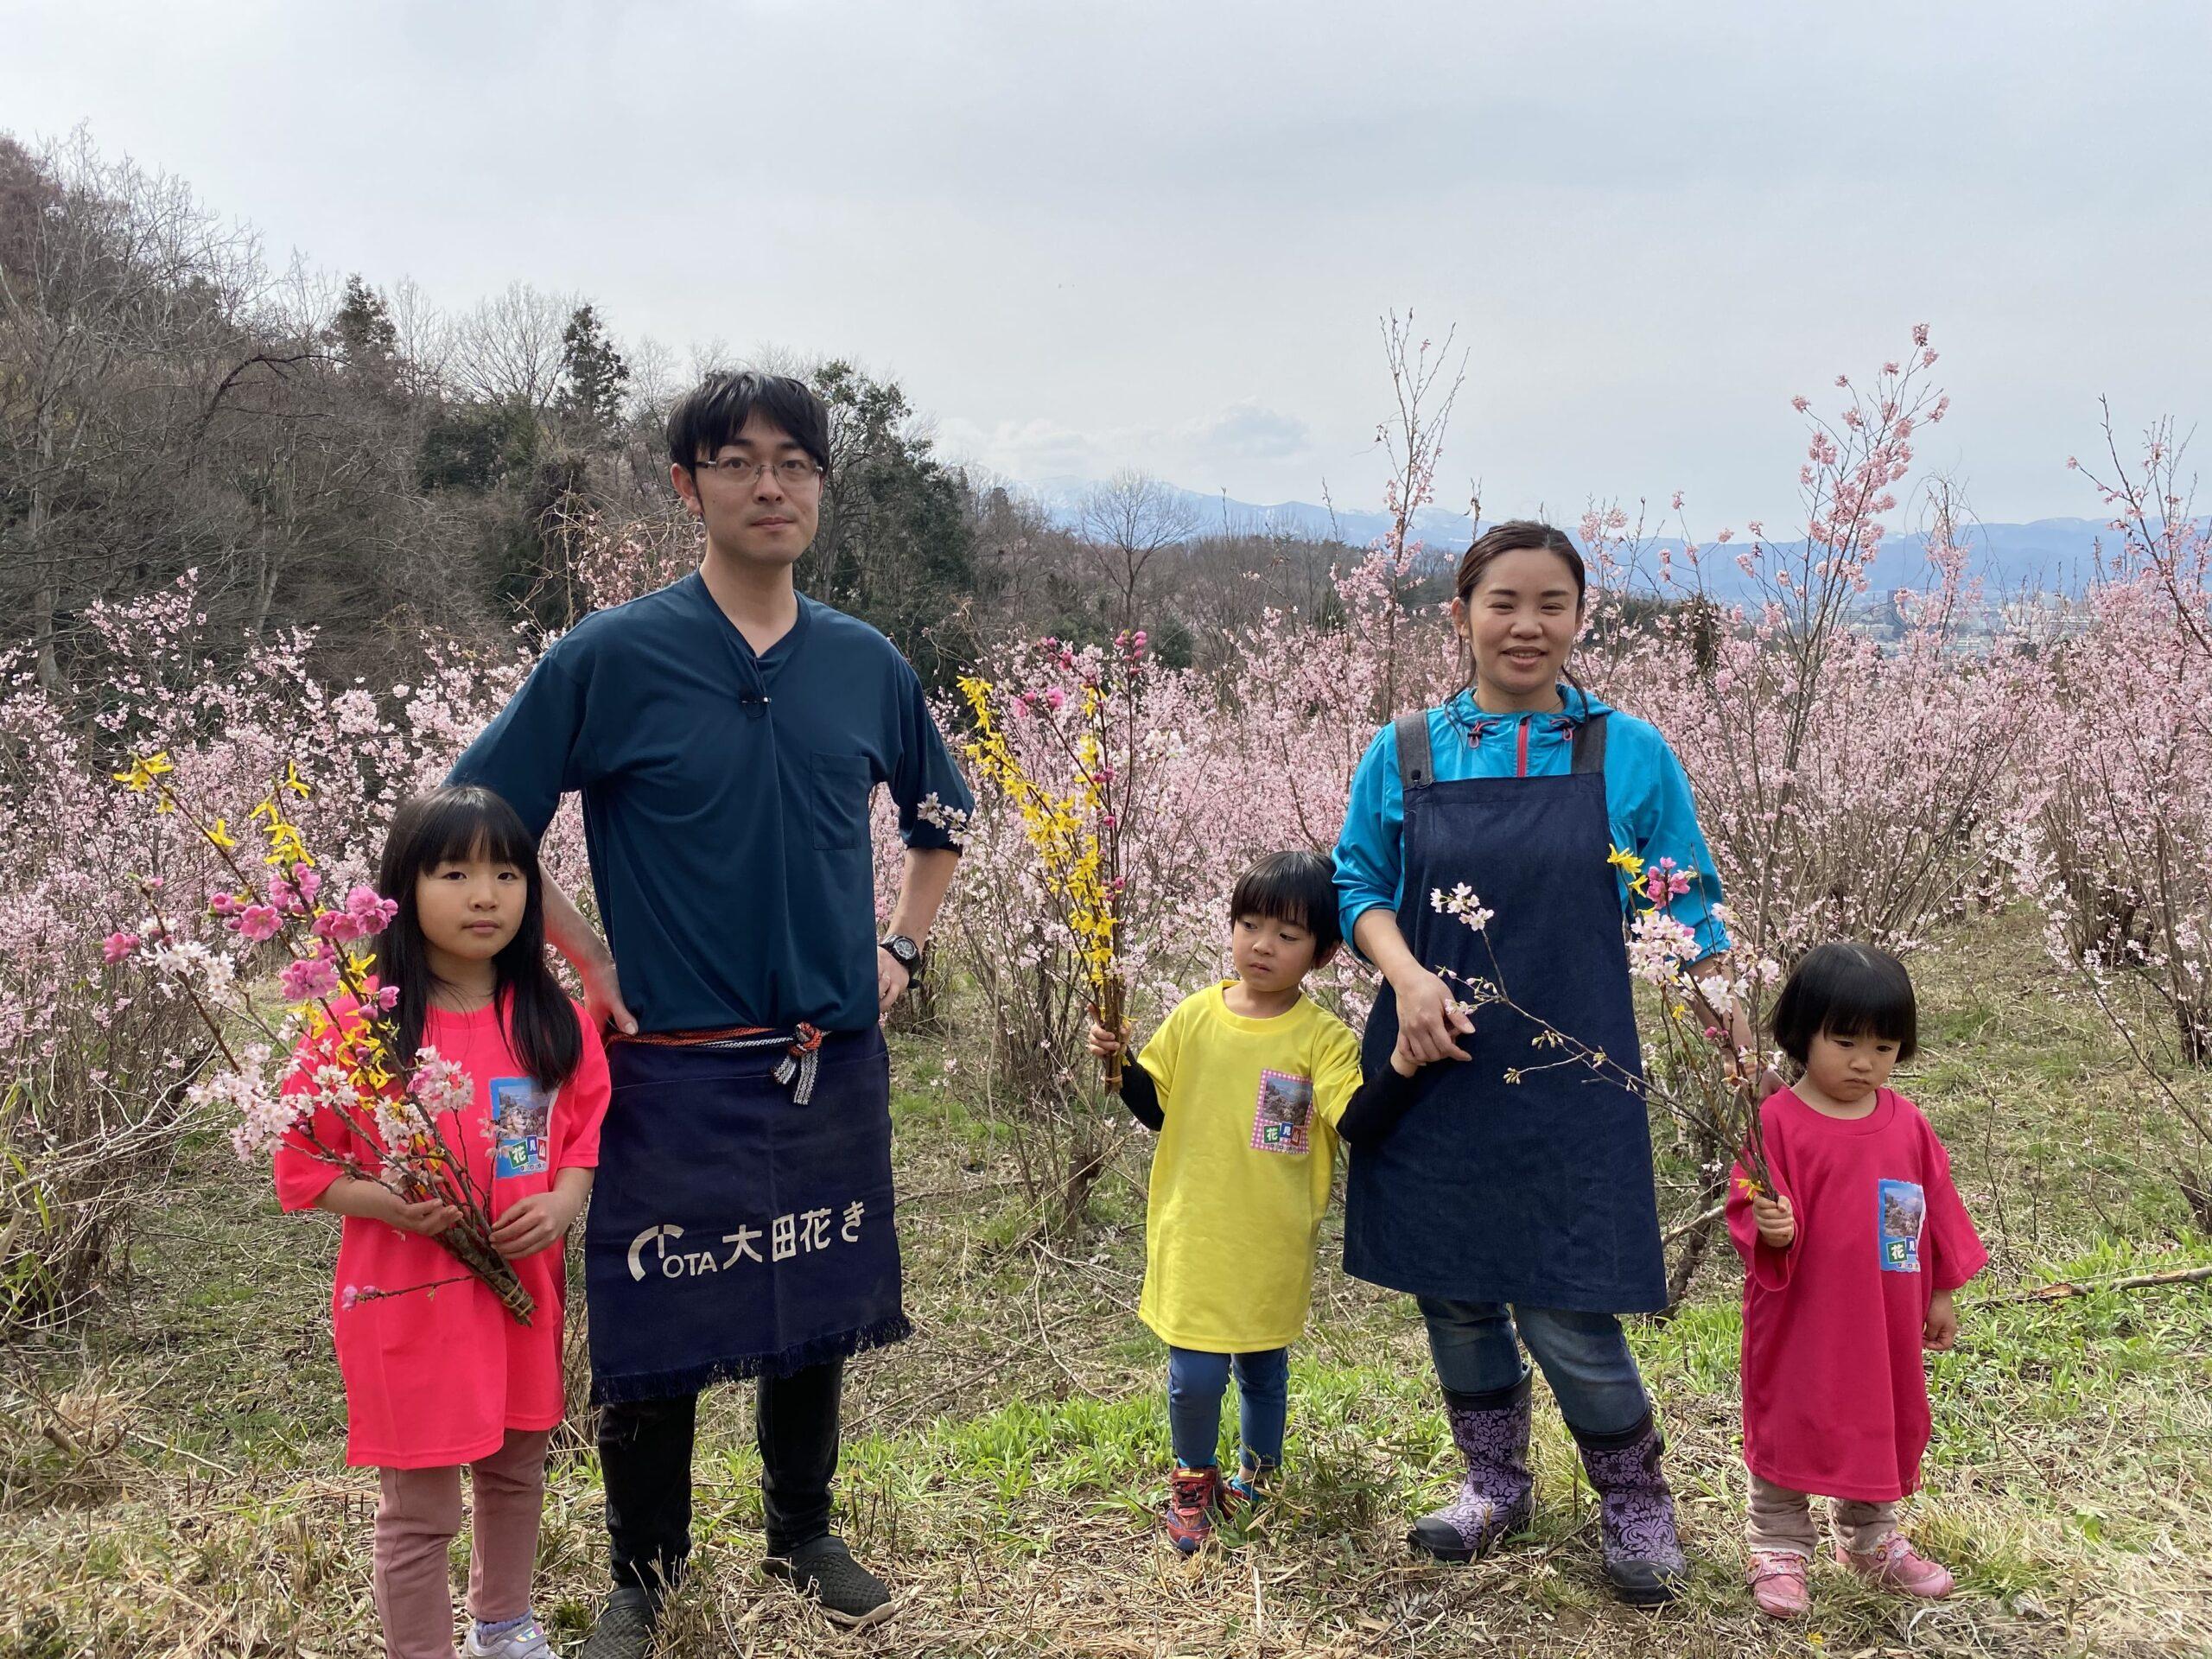 【花見山特集 Vol.4】開花シーズン到来!もっと花見山のことをを知りたいあなたへ